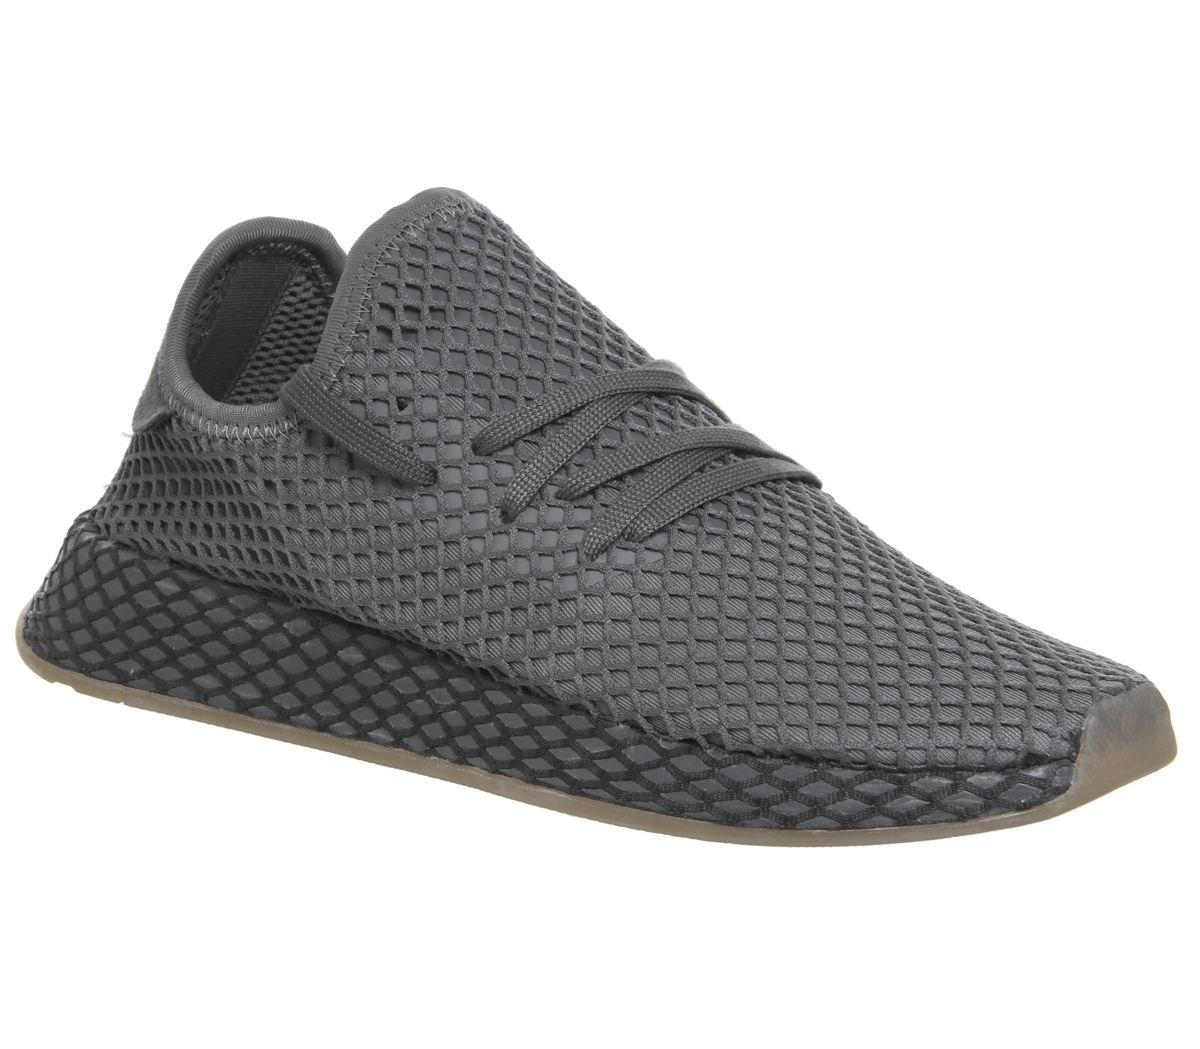 b7ab92f8b adidas Deerupt Trainers Grey Grey White - Unisex Sports